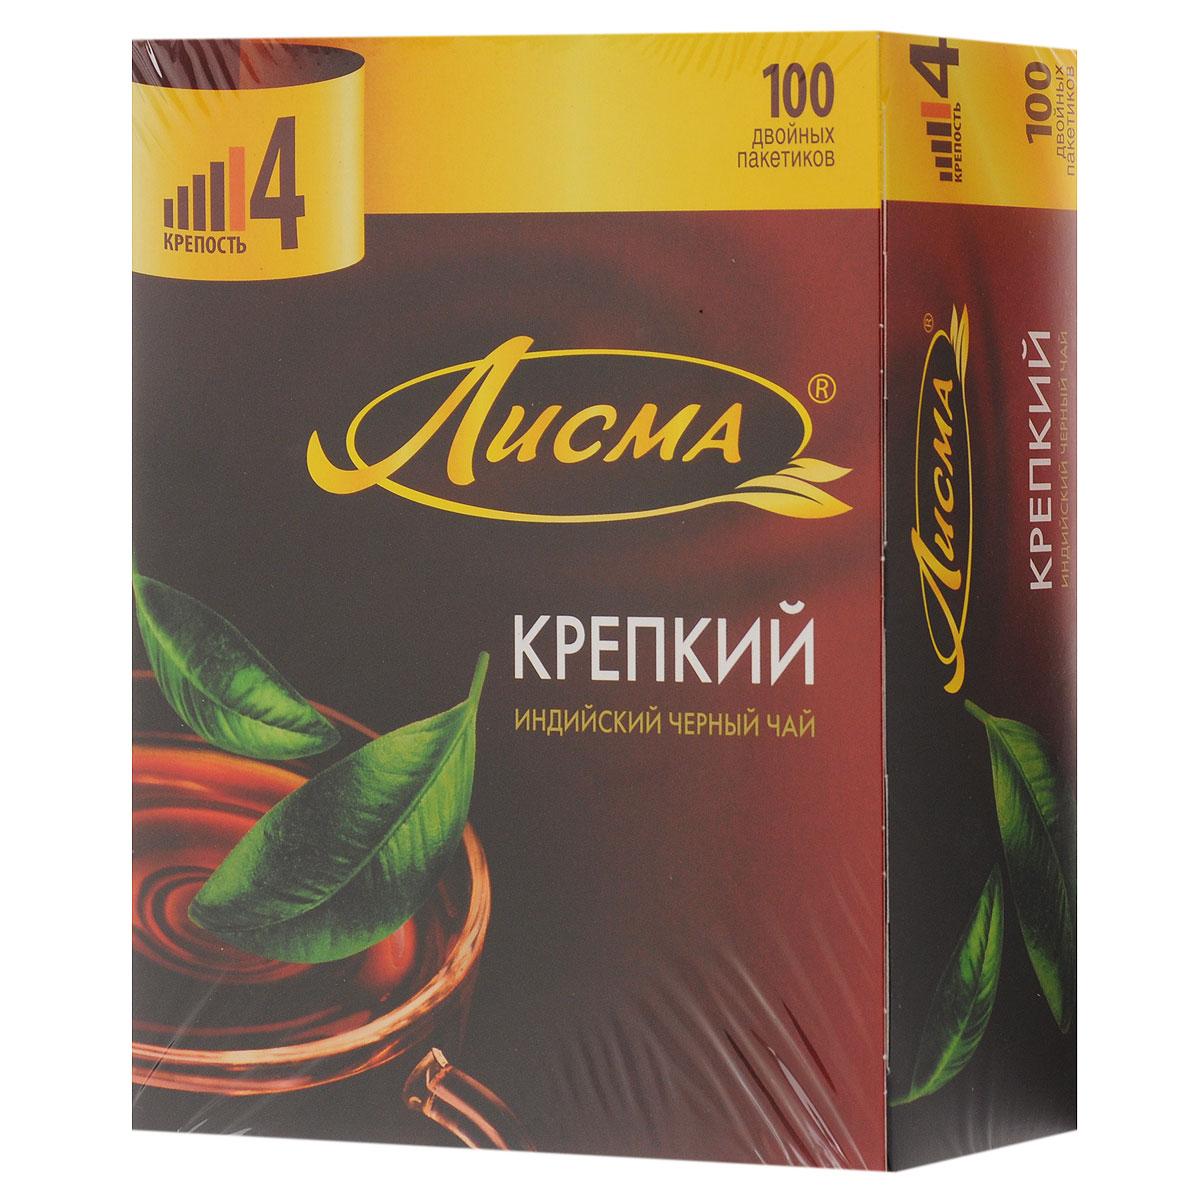 Лисма Крепкий черный чай в пакетиках, 100 шт201933Лисма Крепкий - индийский черный байховый чай в пакетиках. Коробка содержит 100 пакетиков по 2 грамма.